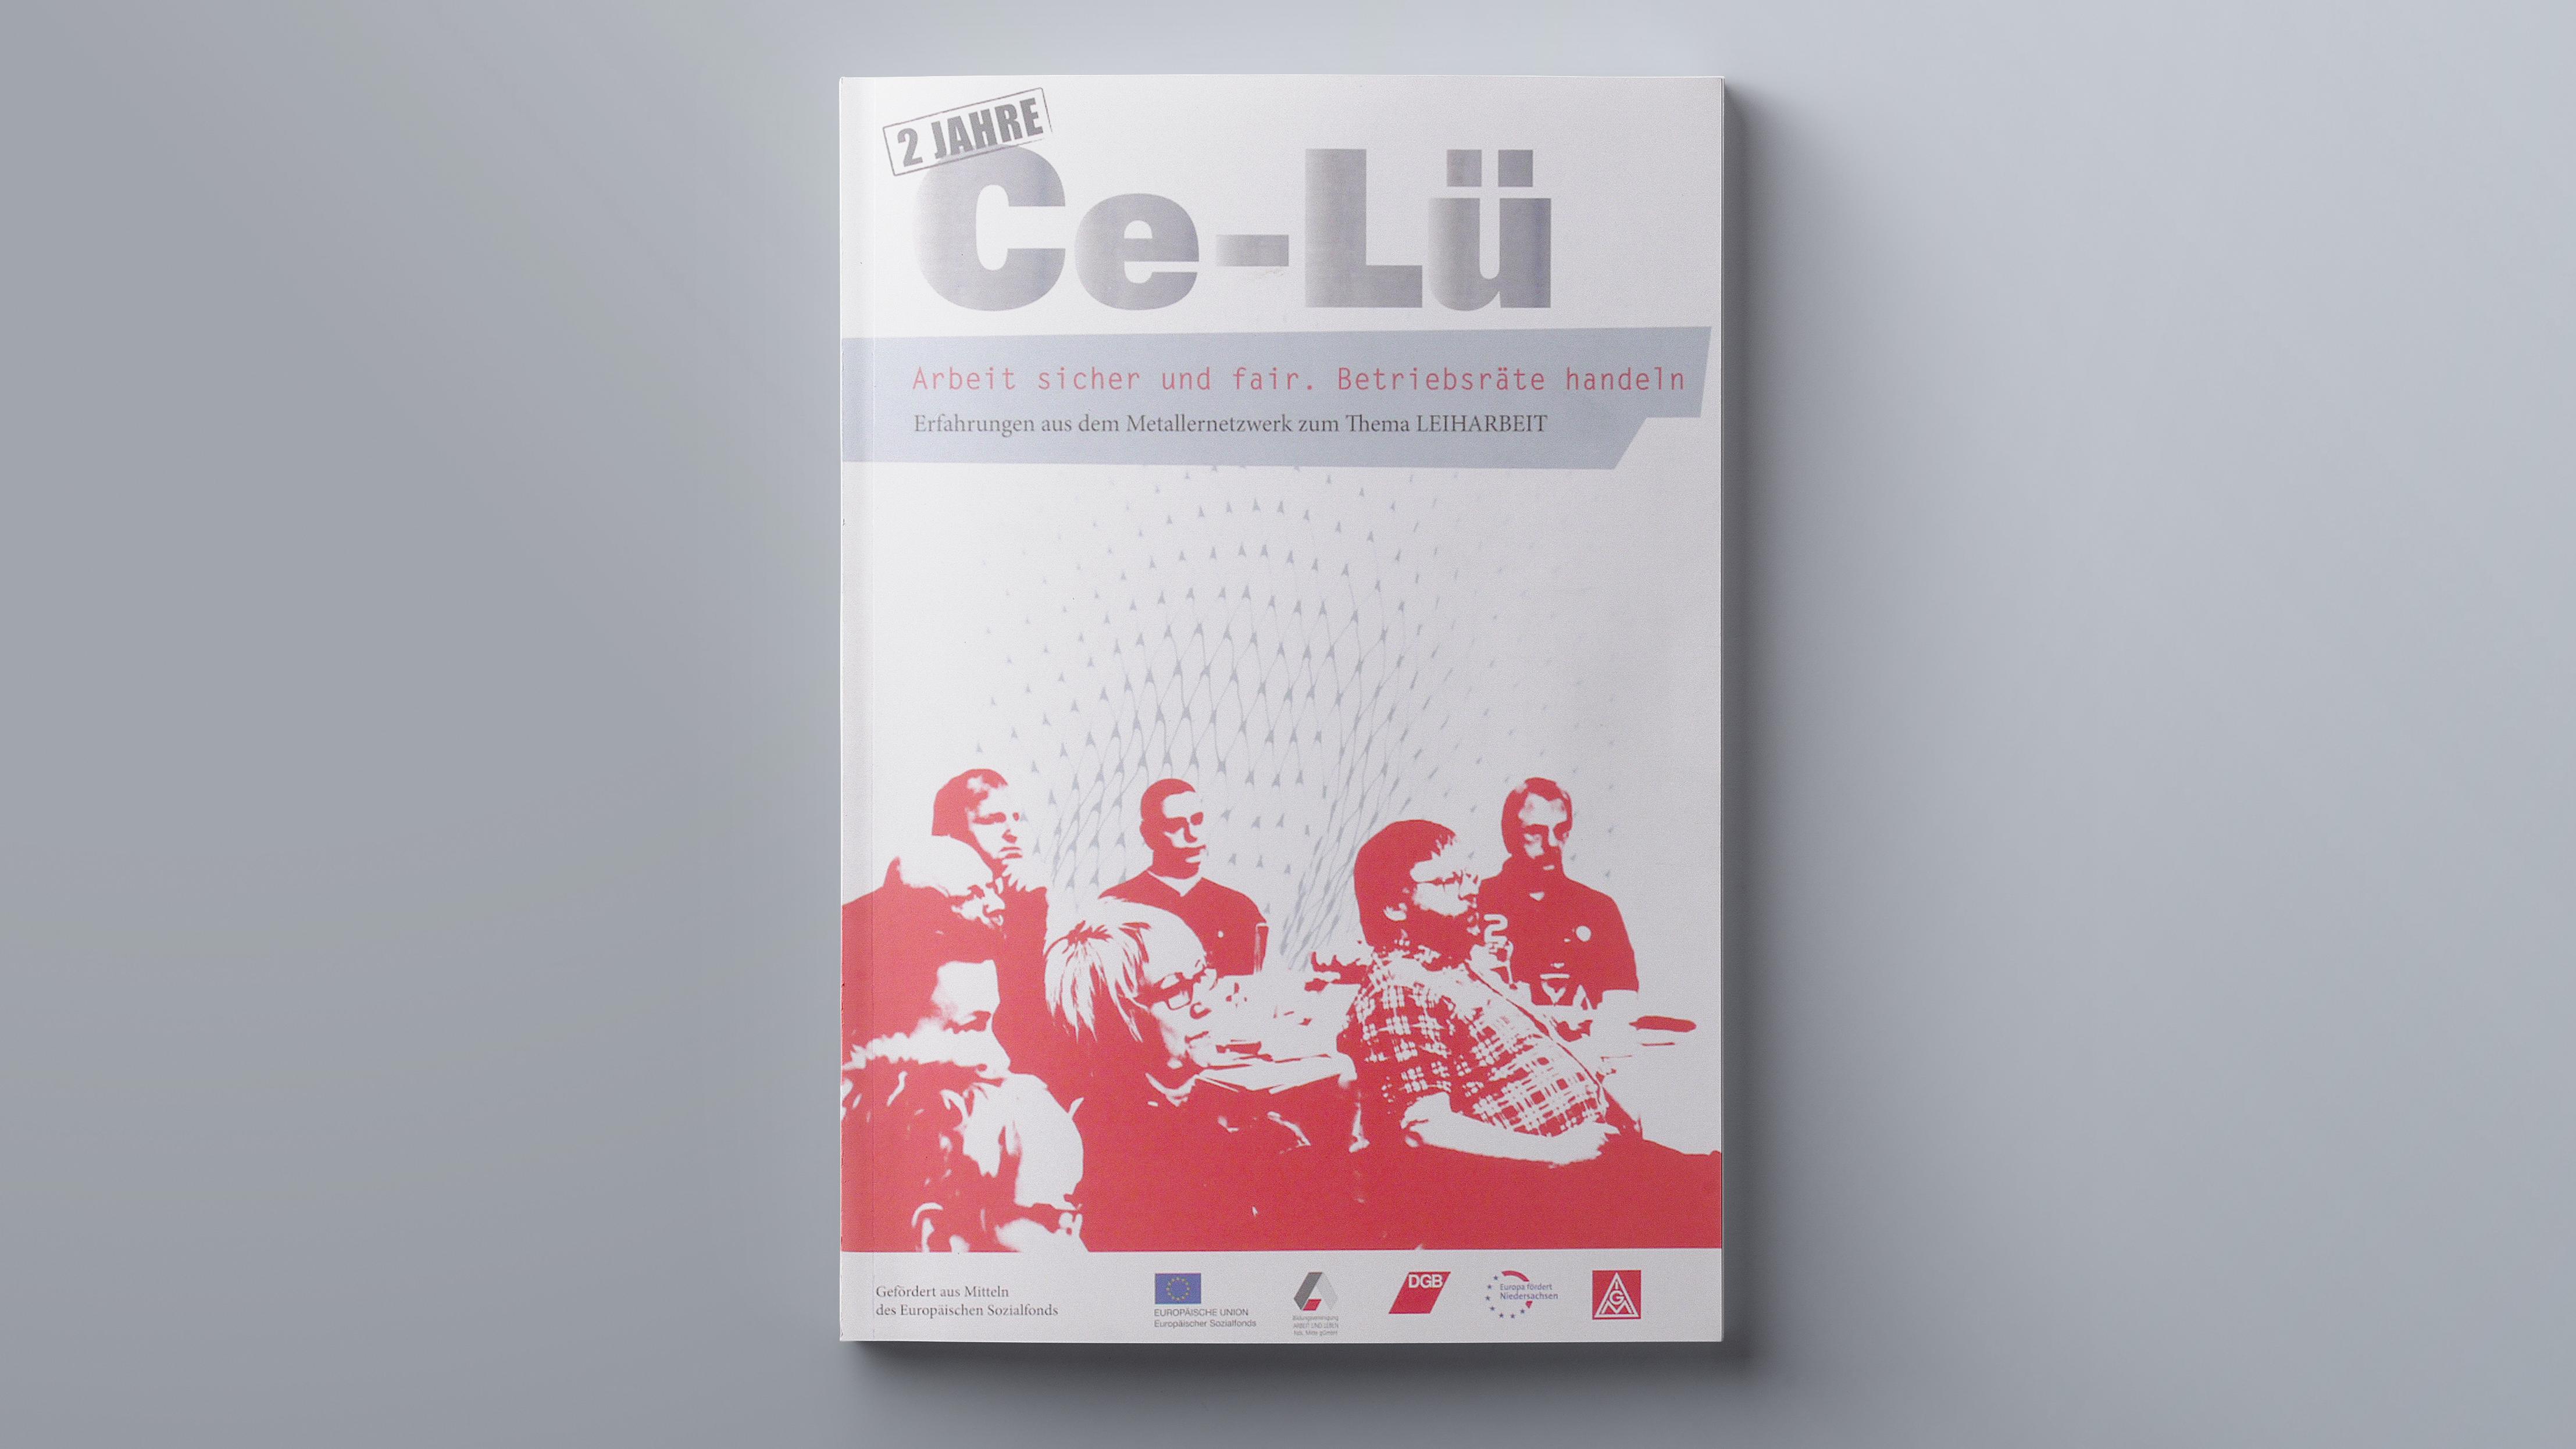 Celü_2 Cover